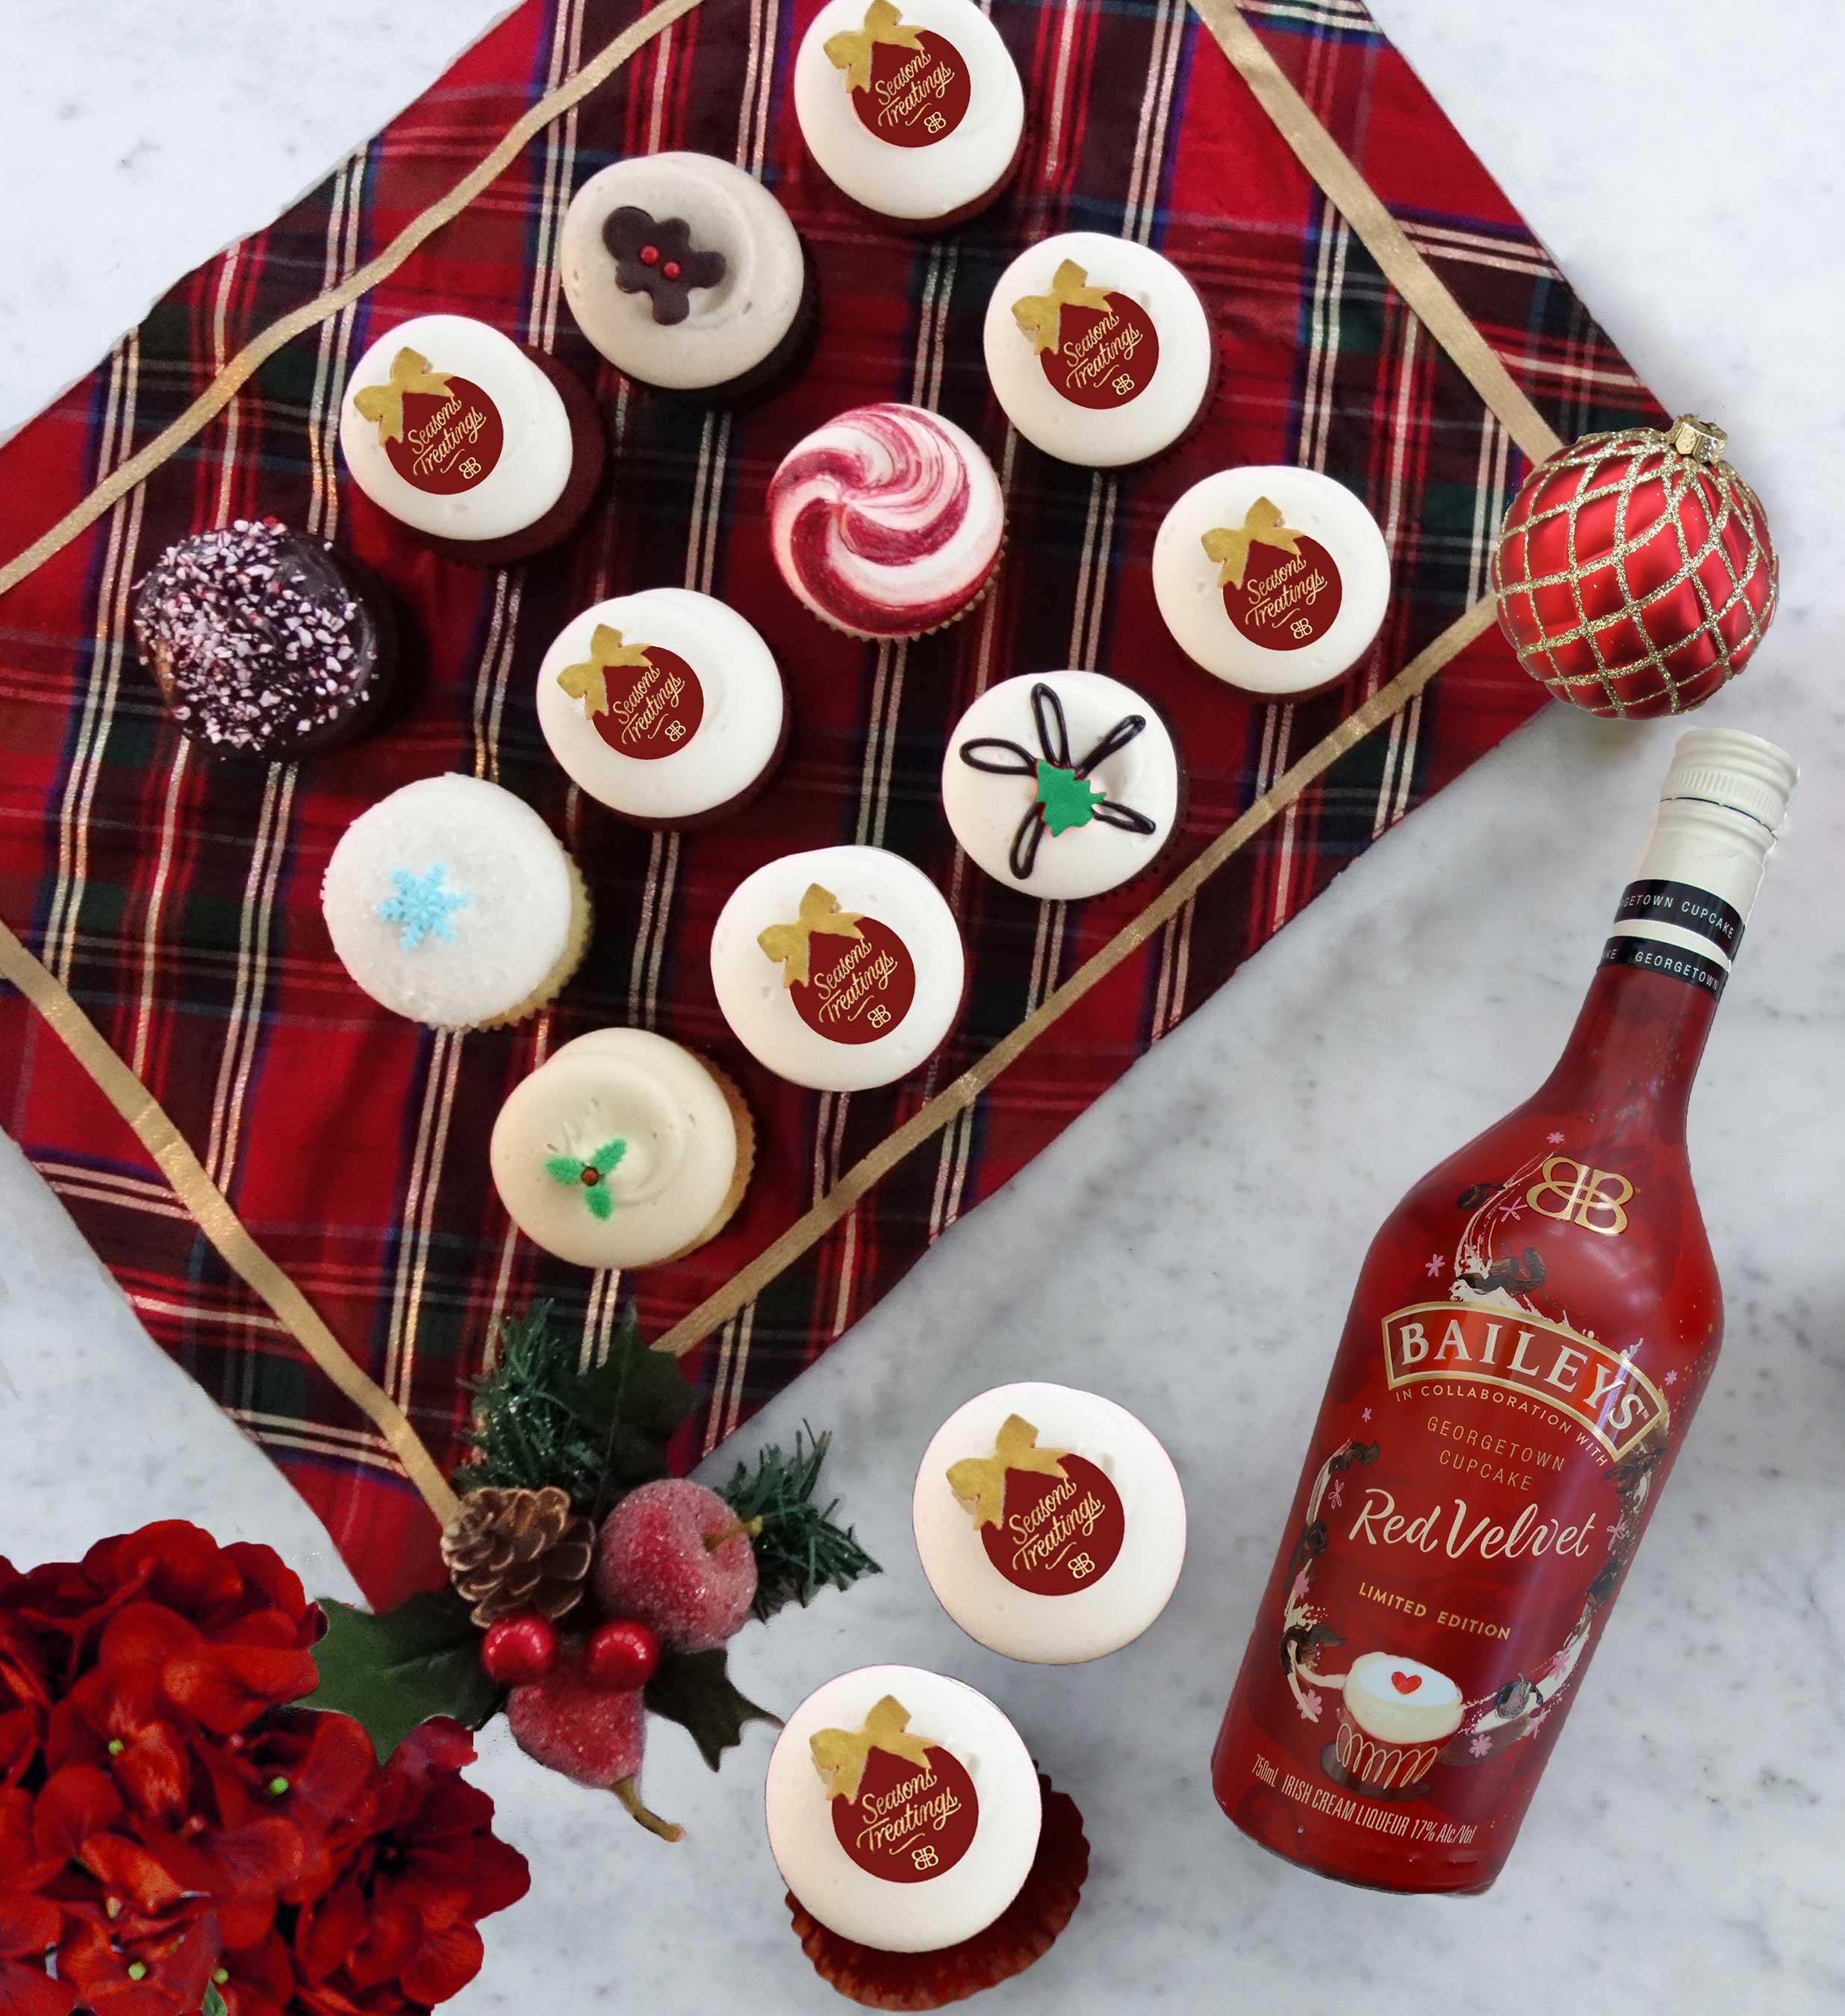 Georgetown Cupcake's Baileys Red Velvet Cupcakes